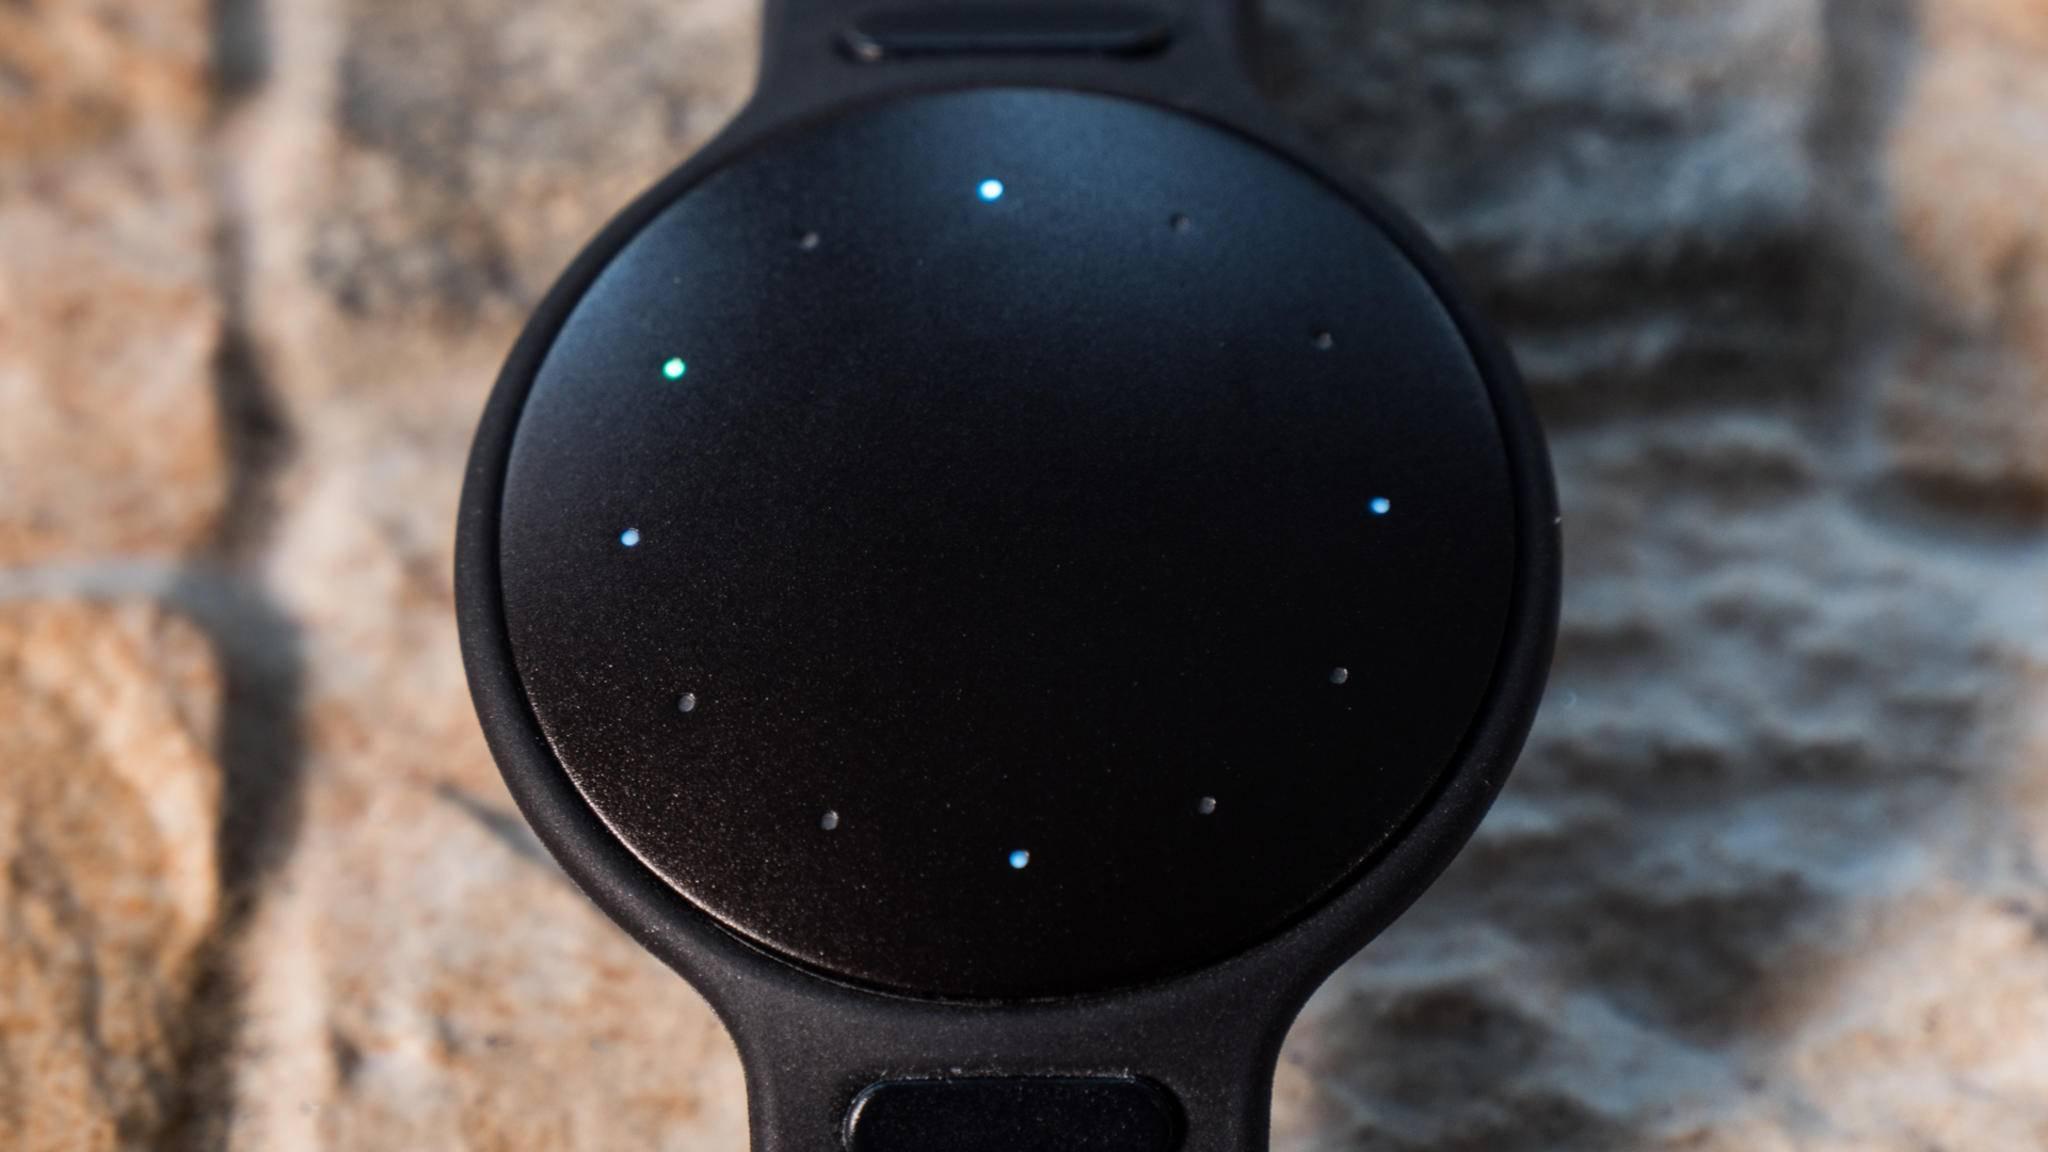 Der Tracker selbst kann die Uhrzeit und den Fortschritt auf dem Weg zum Tagesziel anzeigen.